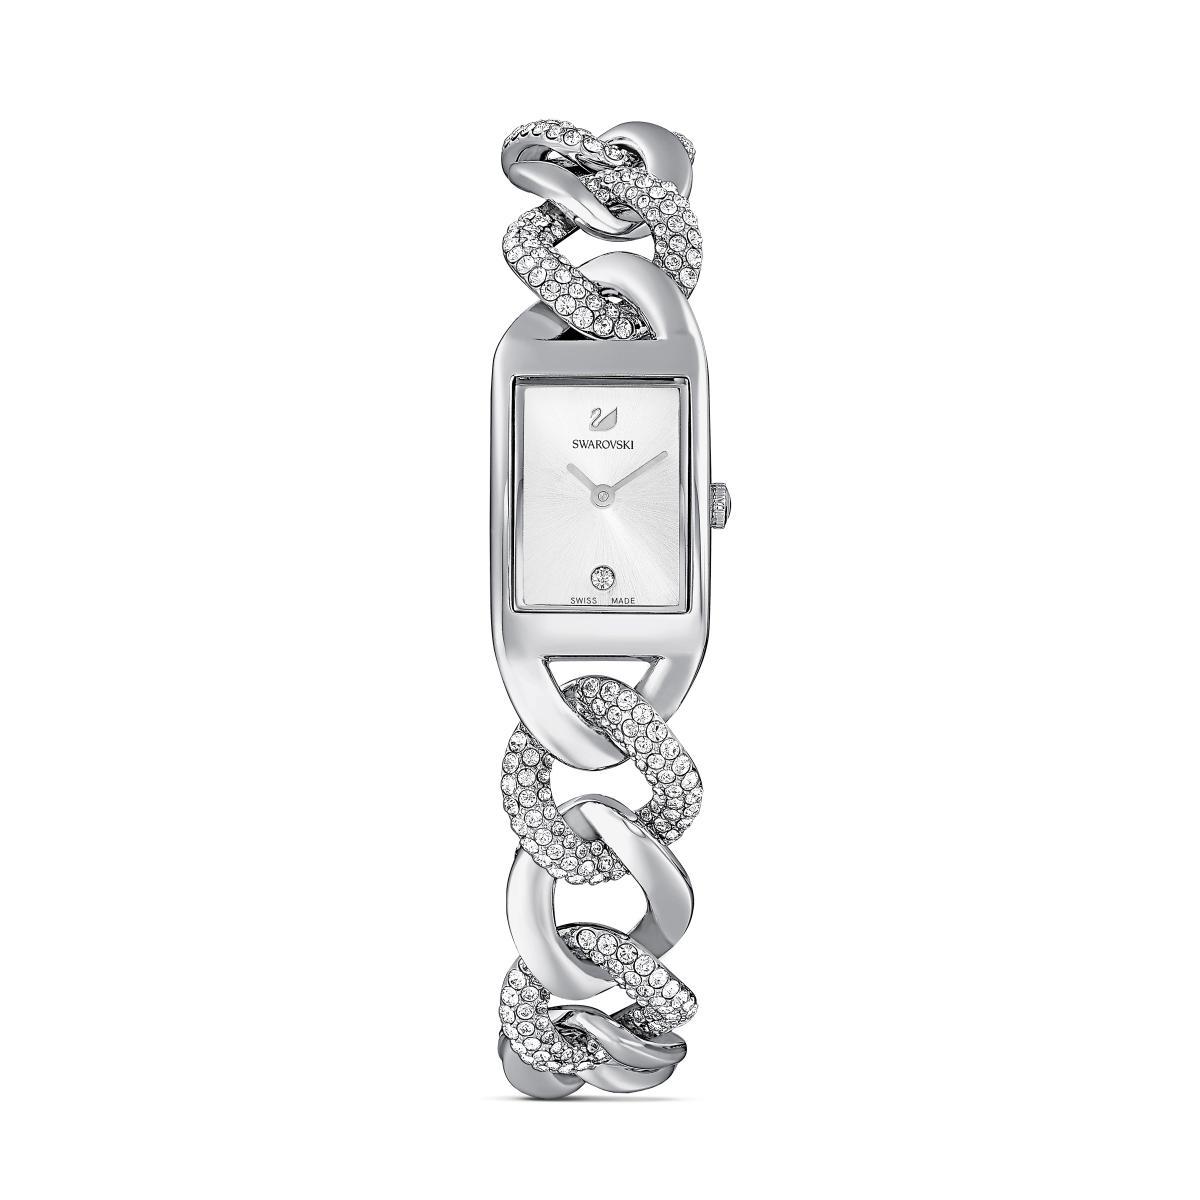 MONTRES 5519330 - COCKTAIL - Swarovski montres - Modalova